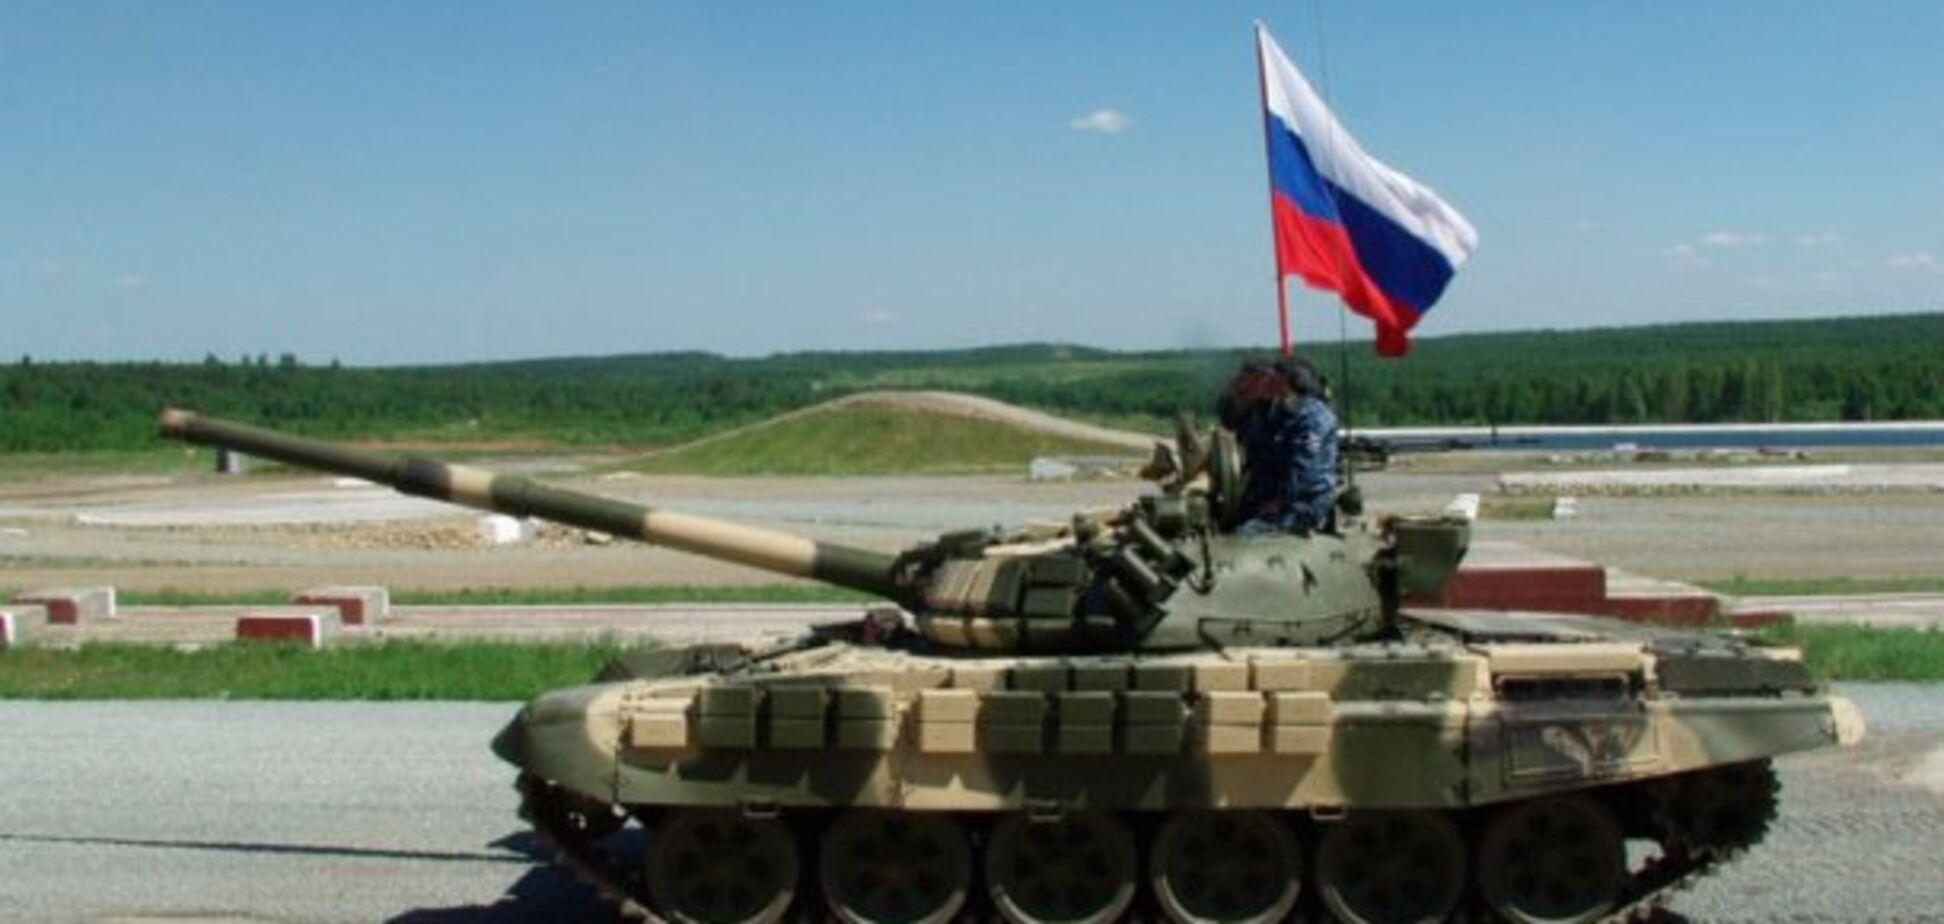 'Путін ще надішле': прихильники 'Л/ДНР' проговорилися про російські танки на Донбасі